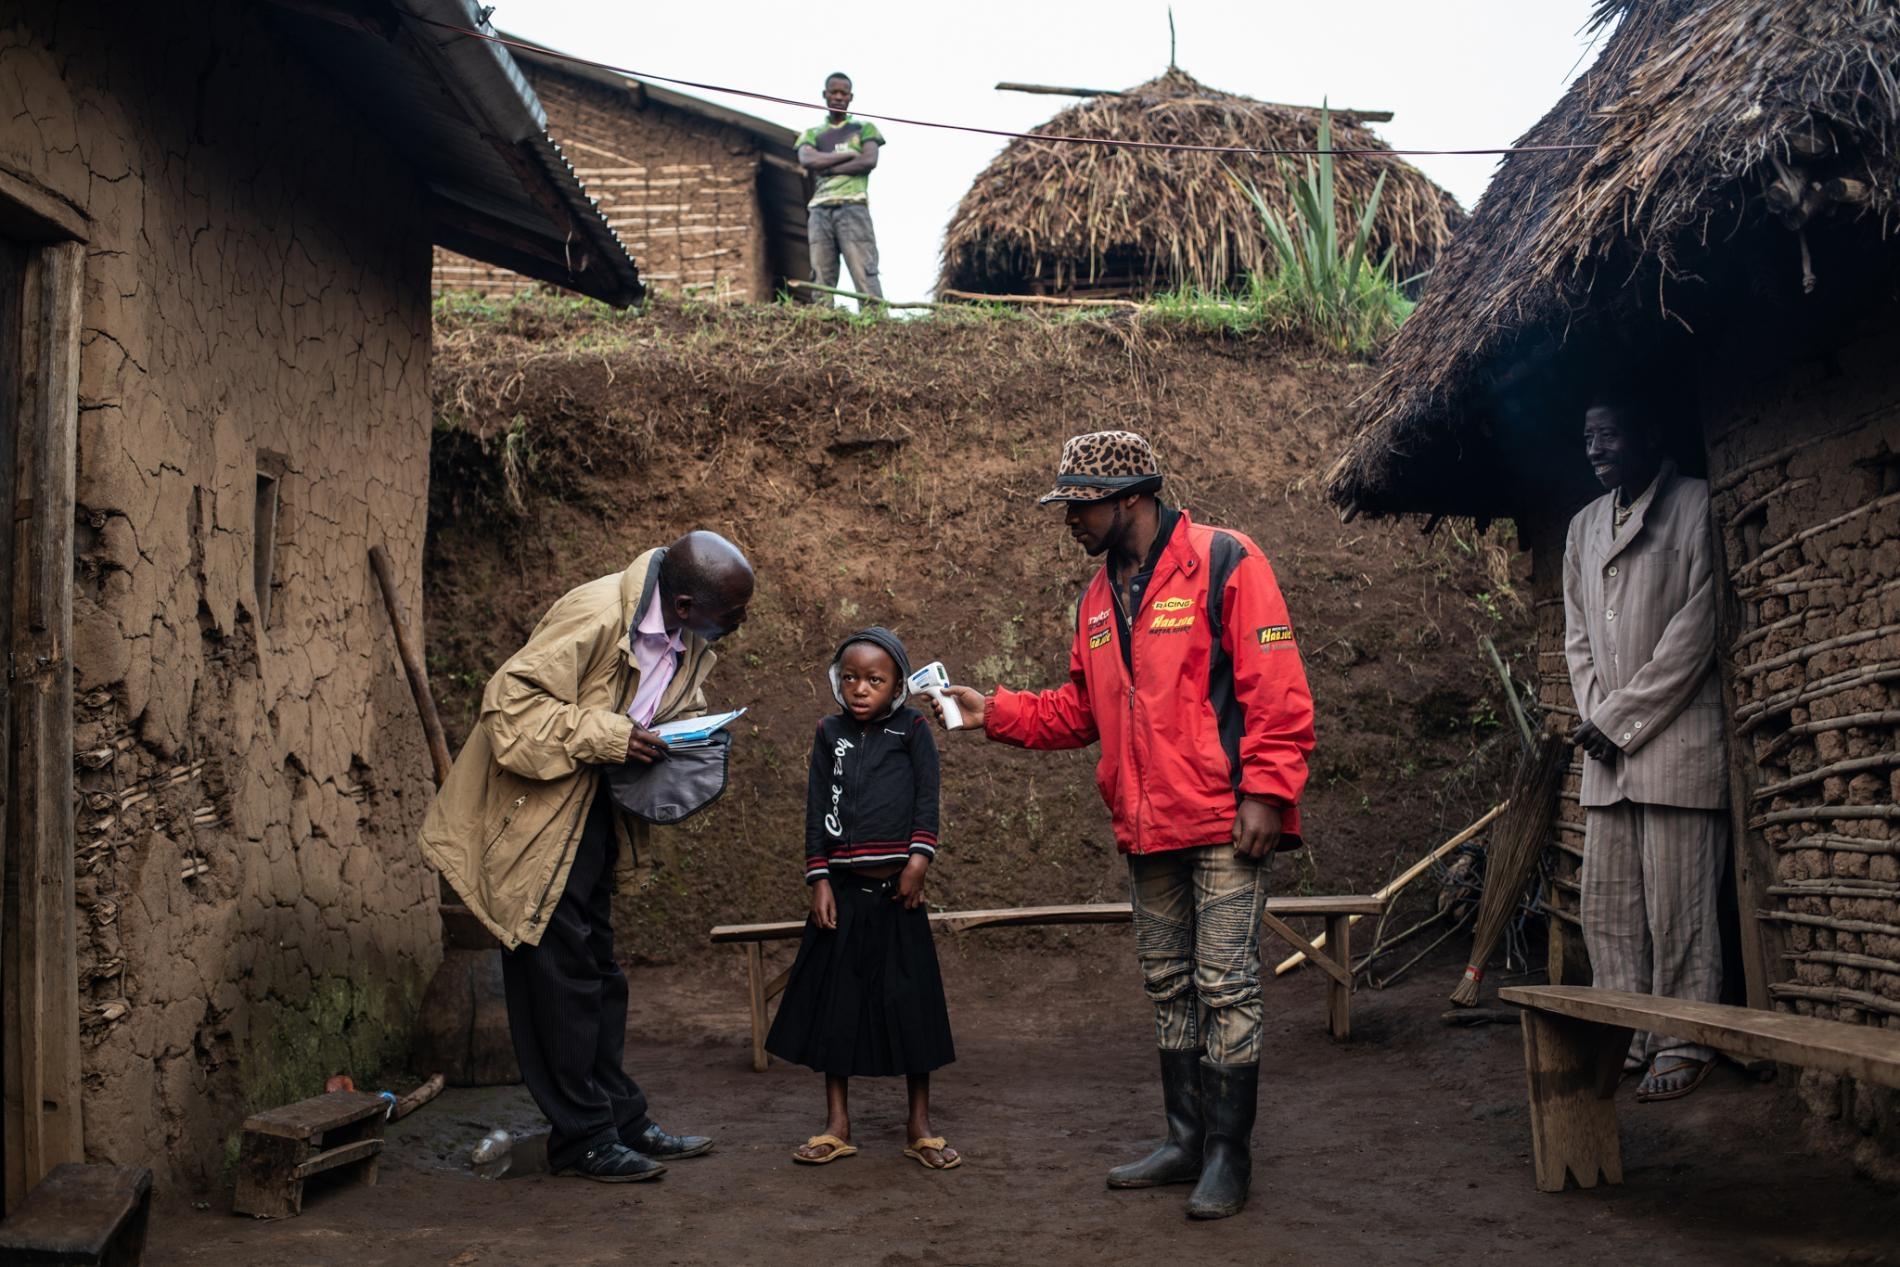 2019年,一個WHO團隊在瓦亞納鎮為7歲的康福美.馬斯卡.穆格漢伊拉(Confirme Masika Mughanyira)檢查體溫,該鎮位於DRC布滕博兩小時車程處。因為伊波拉疫情,康福美失去了雙親、哥哥及妹妹。身為家裡唯一一名倖存者,她現在由親戚照料。PHOTOGRAPH BY NICHOLE SOBECKI